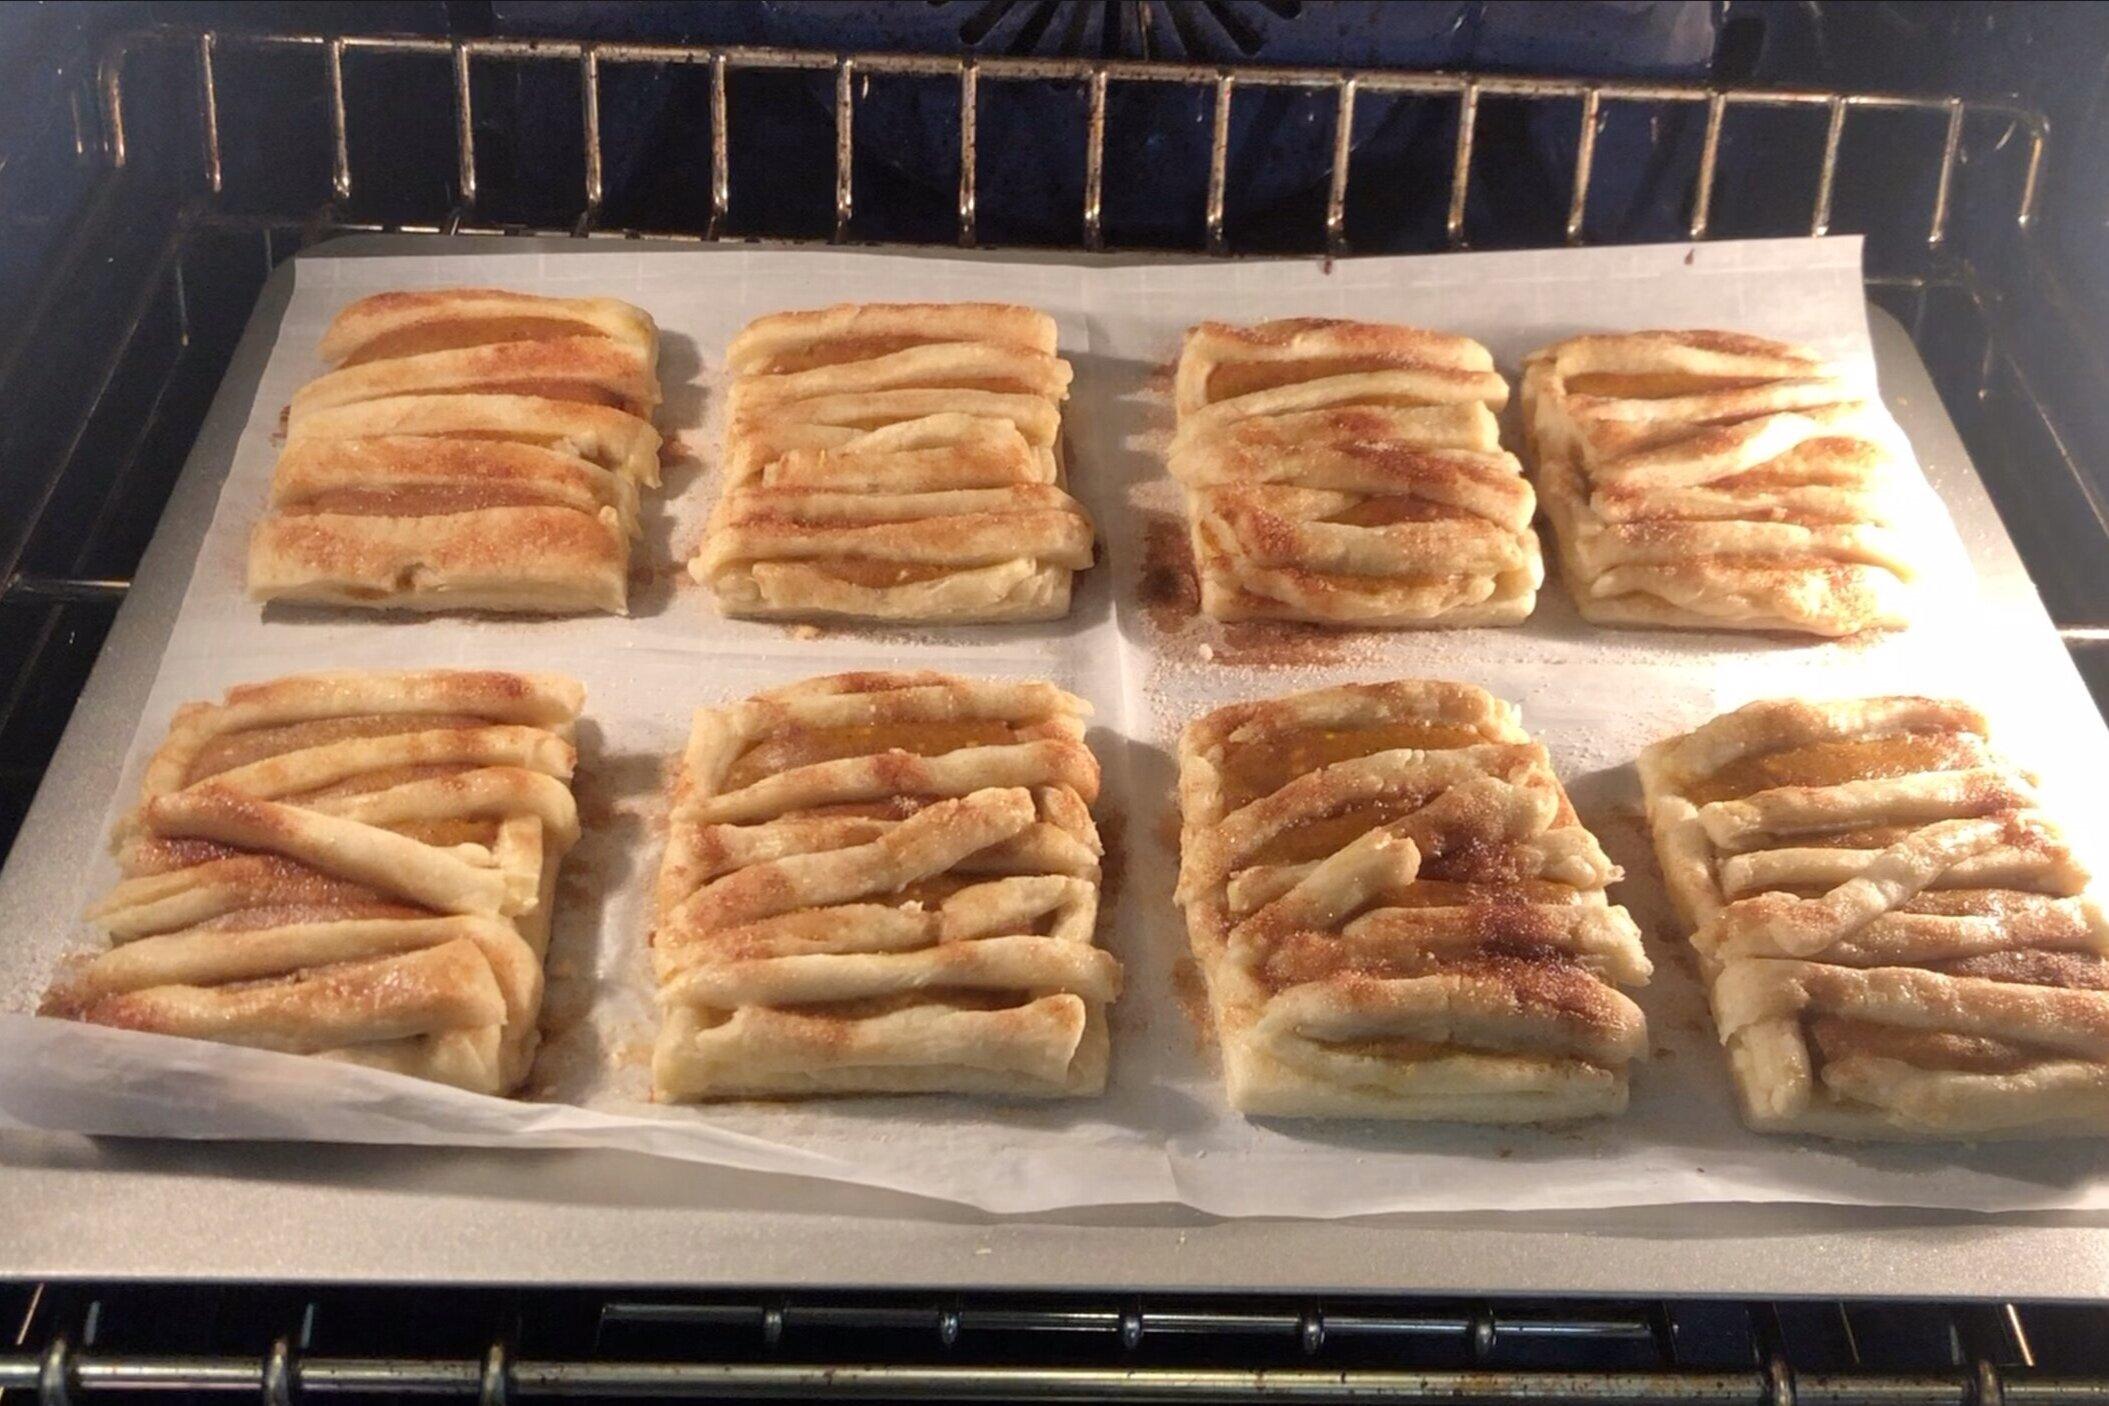 9. Bake for 18-20 minutes until golden brown. -